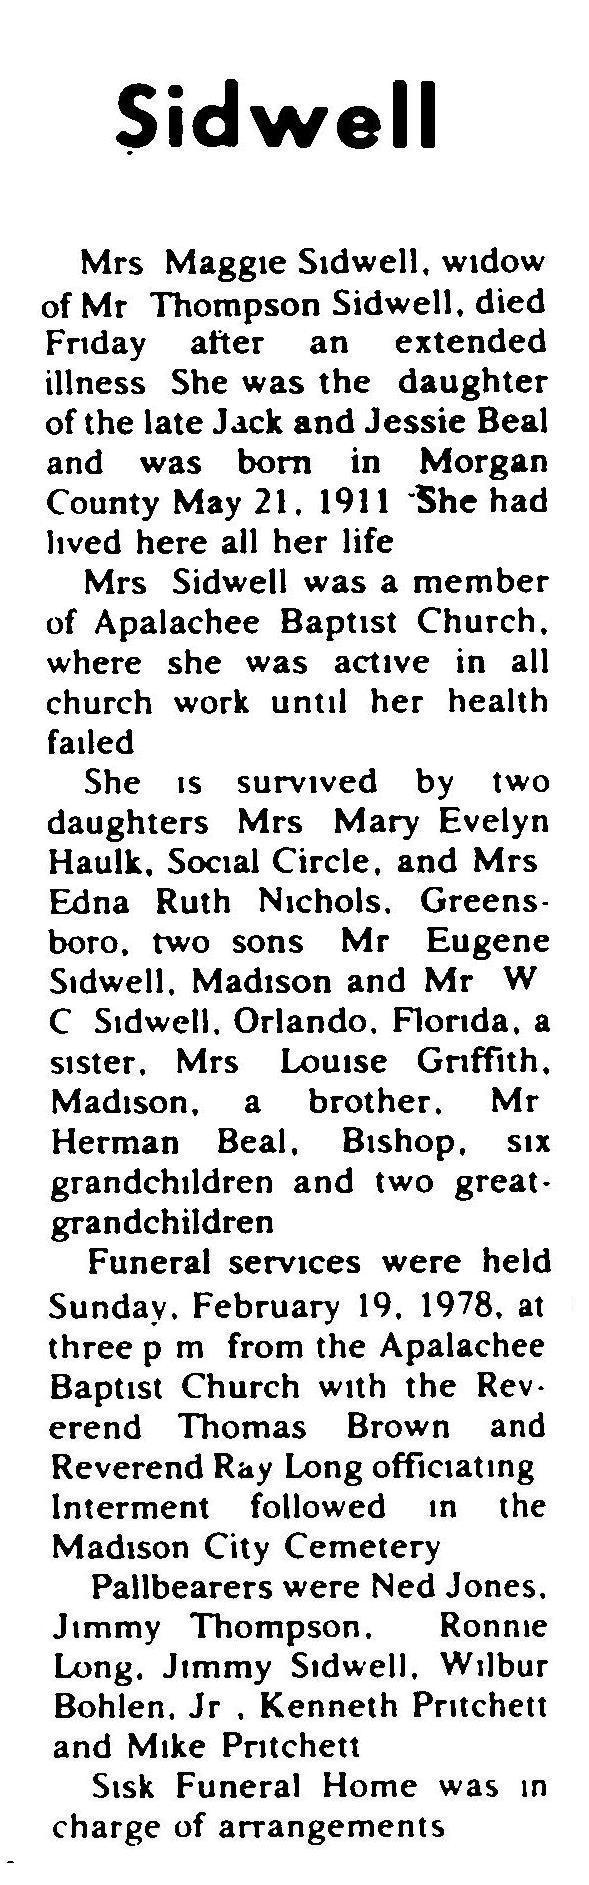 sidwell_maggiebeal_1978-obituary.jpeg